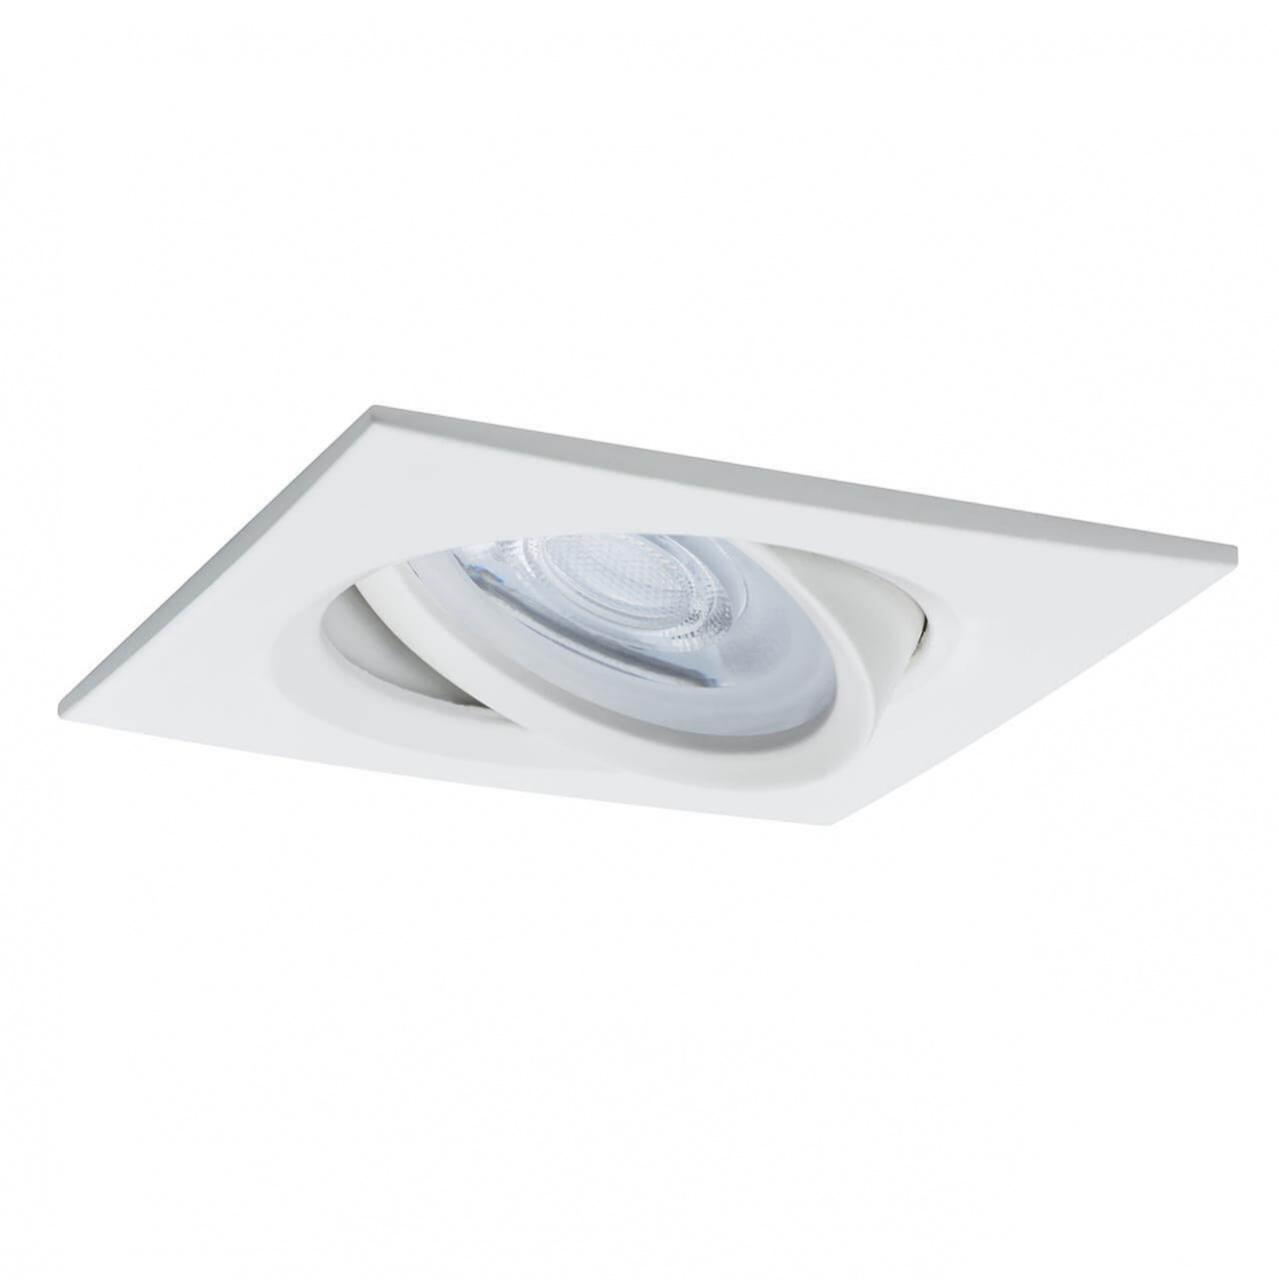 Встраиваемый светодиодный светильник Paulmann Nova 93617